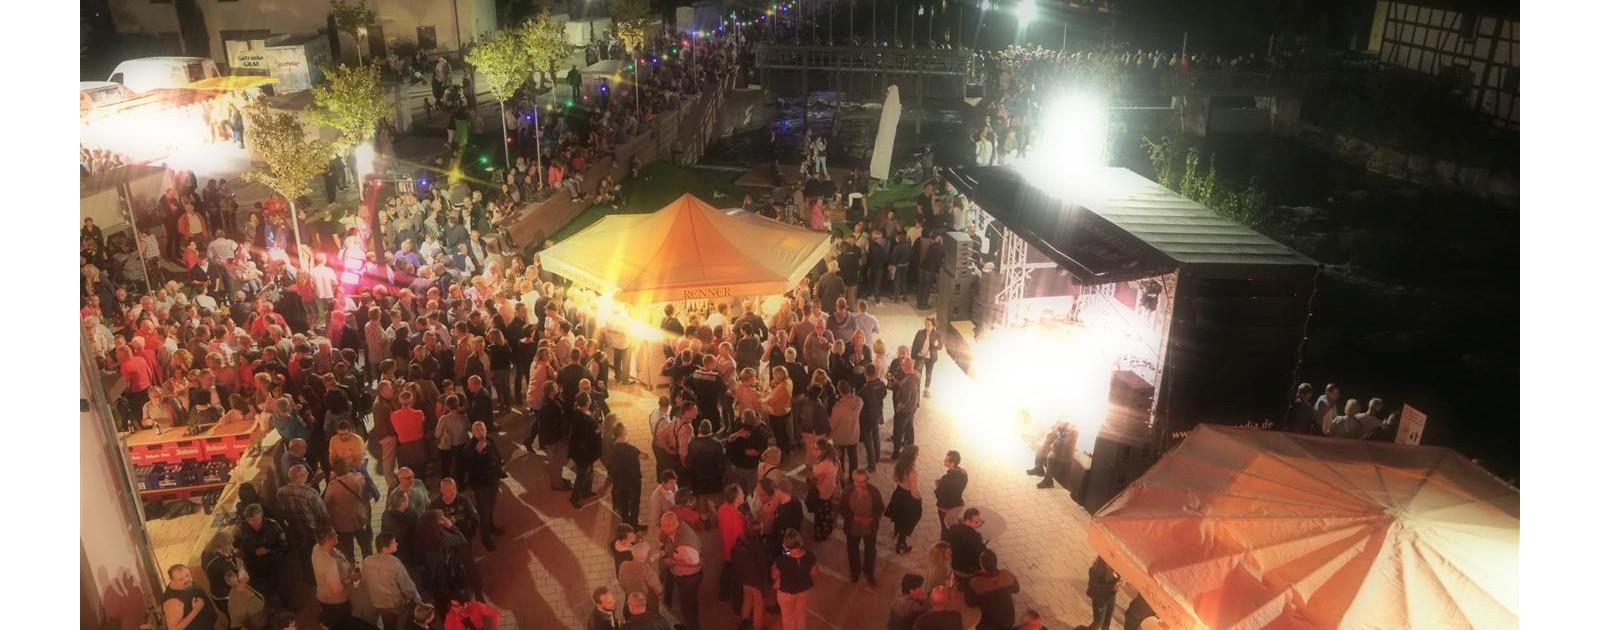 Mühlenfestival 2017 in Willstätt